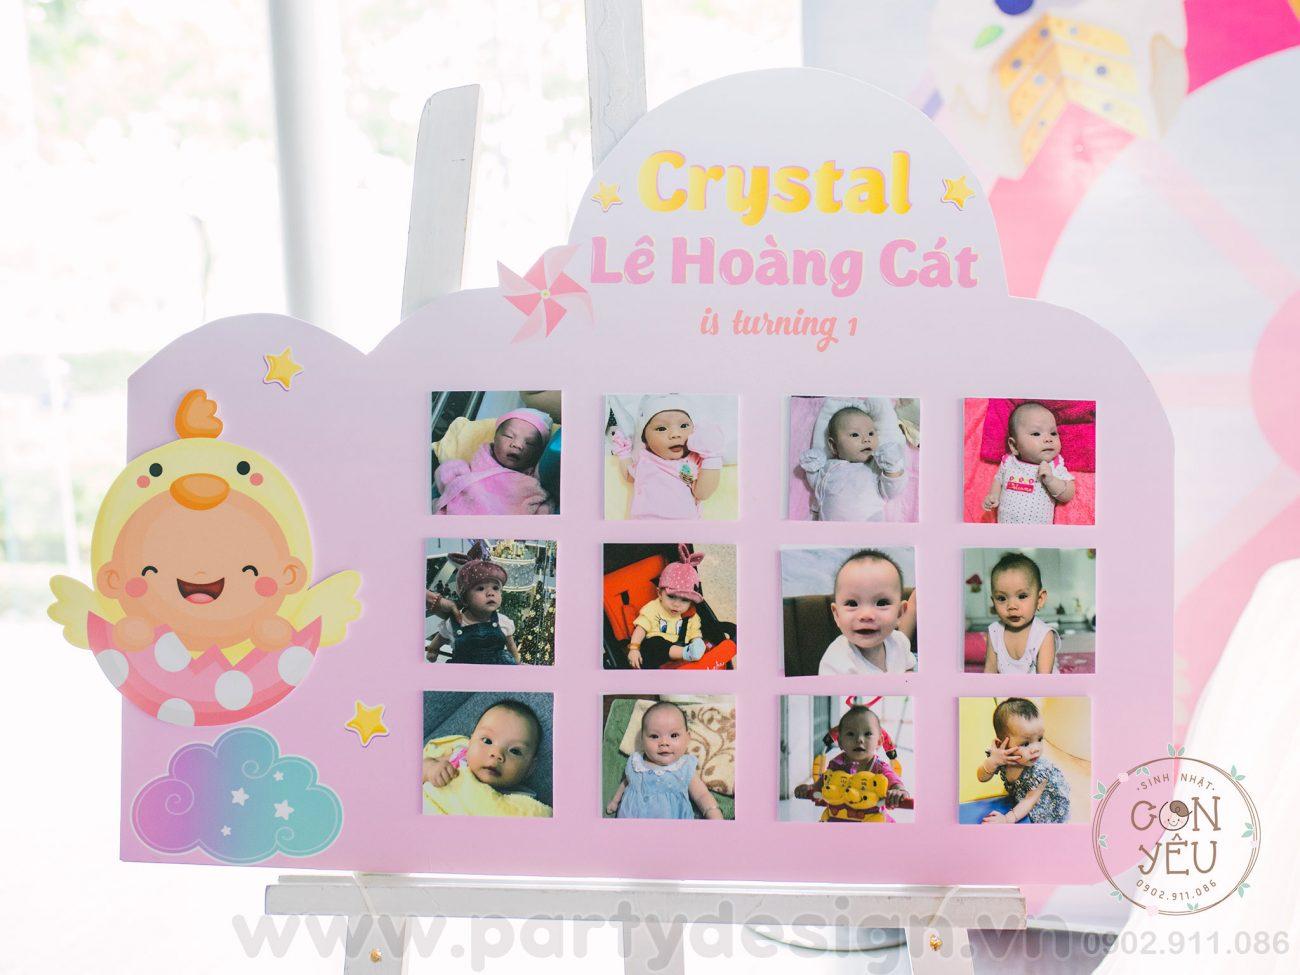 Khung hình 12 tháng chủ đề Gà Con - bé Hoàng Cát